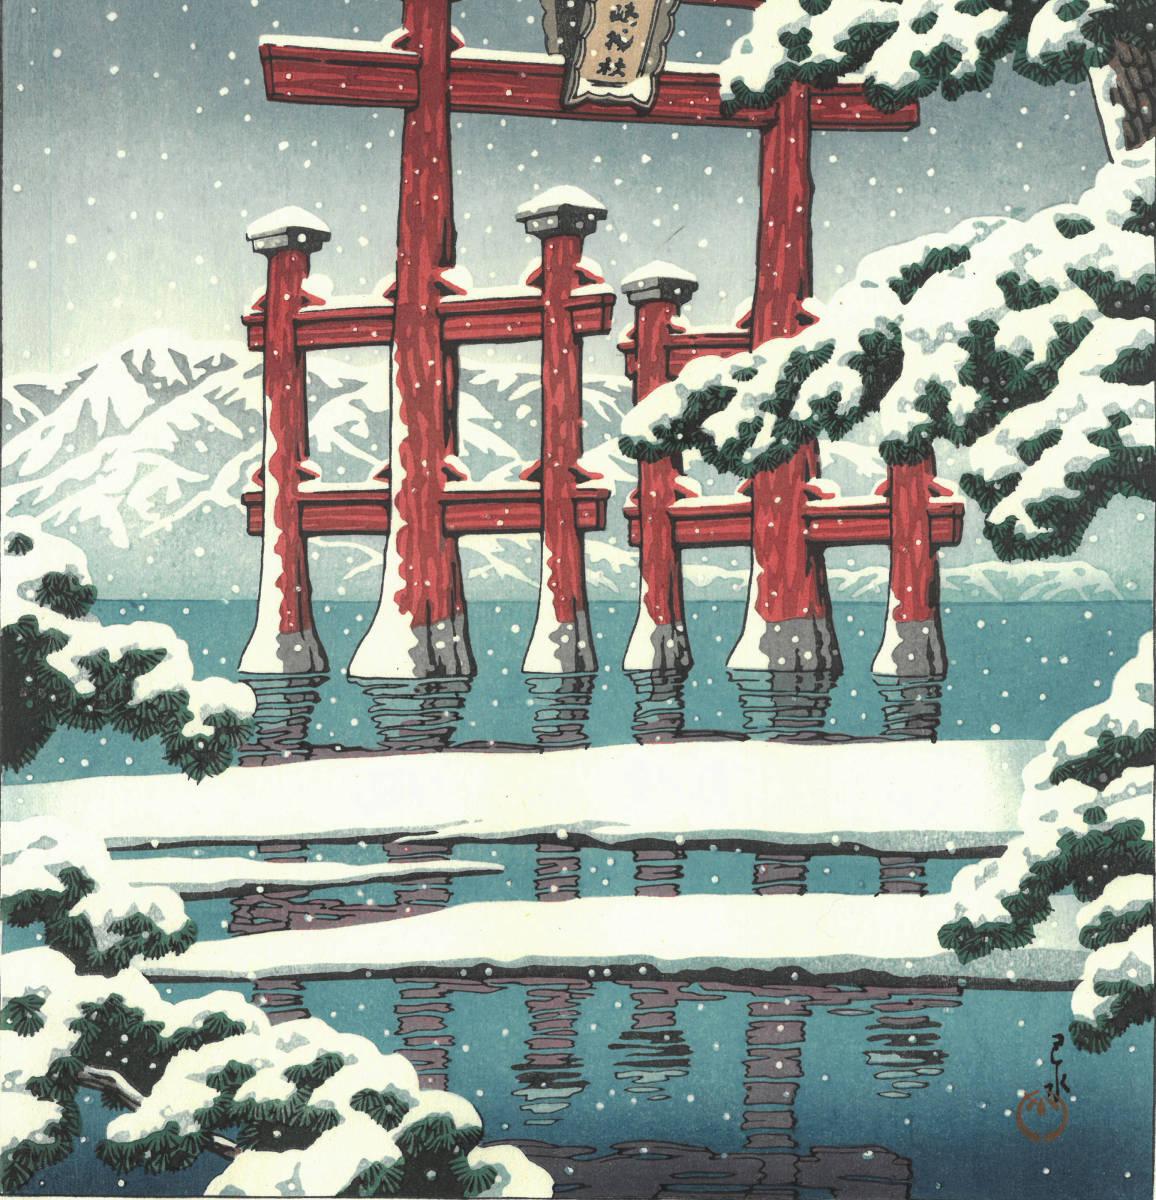 川瀬巴水 木版画 HKS-2  雪の宮島 初版 1929年 昭和4年 (新版画) 最高峰の摺師による貴重な巴水木版画を堪能下さい!!_画像8